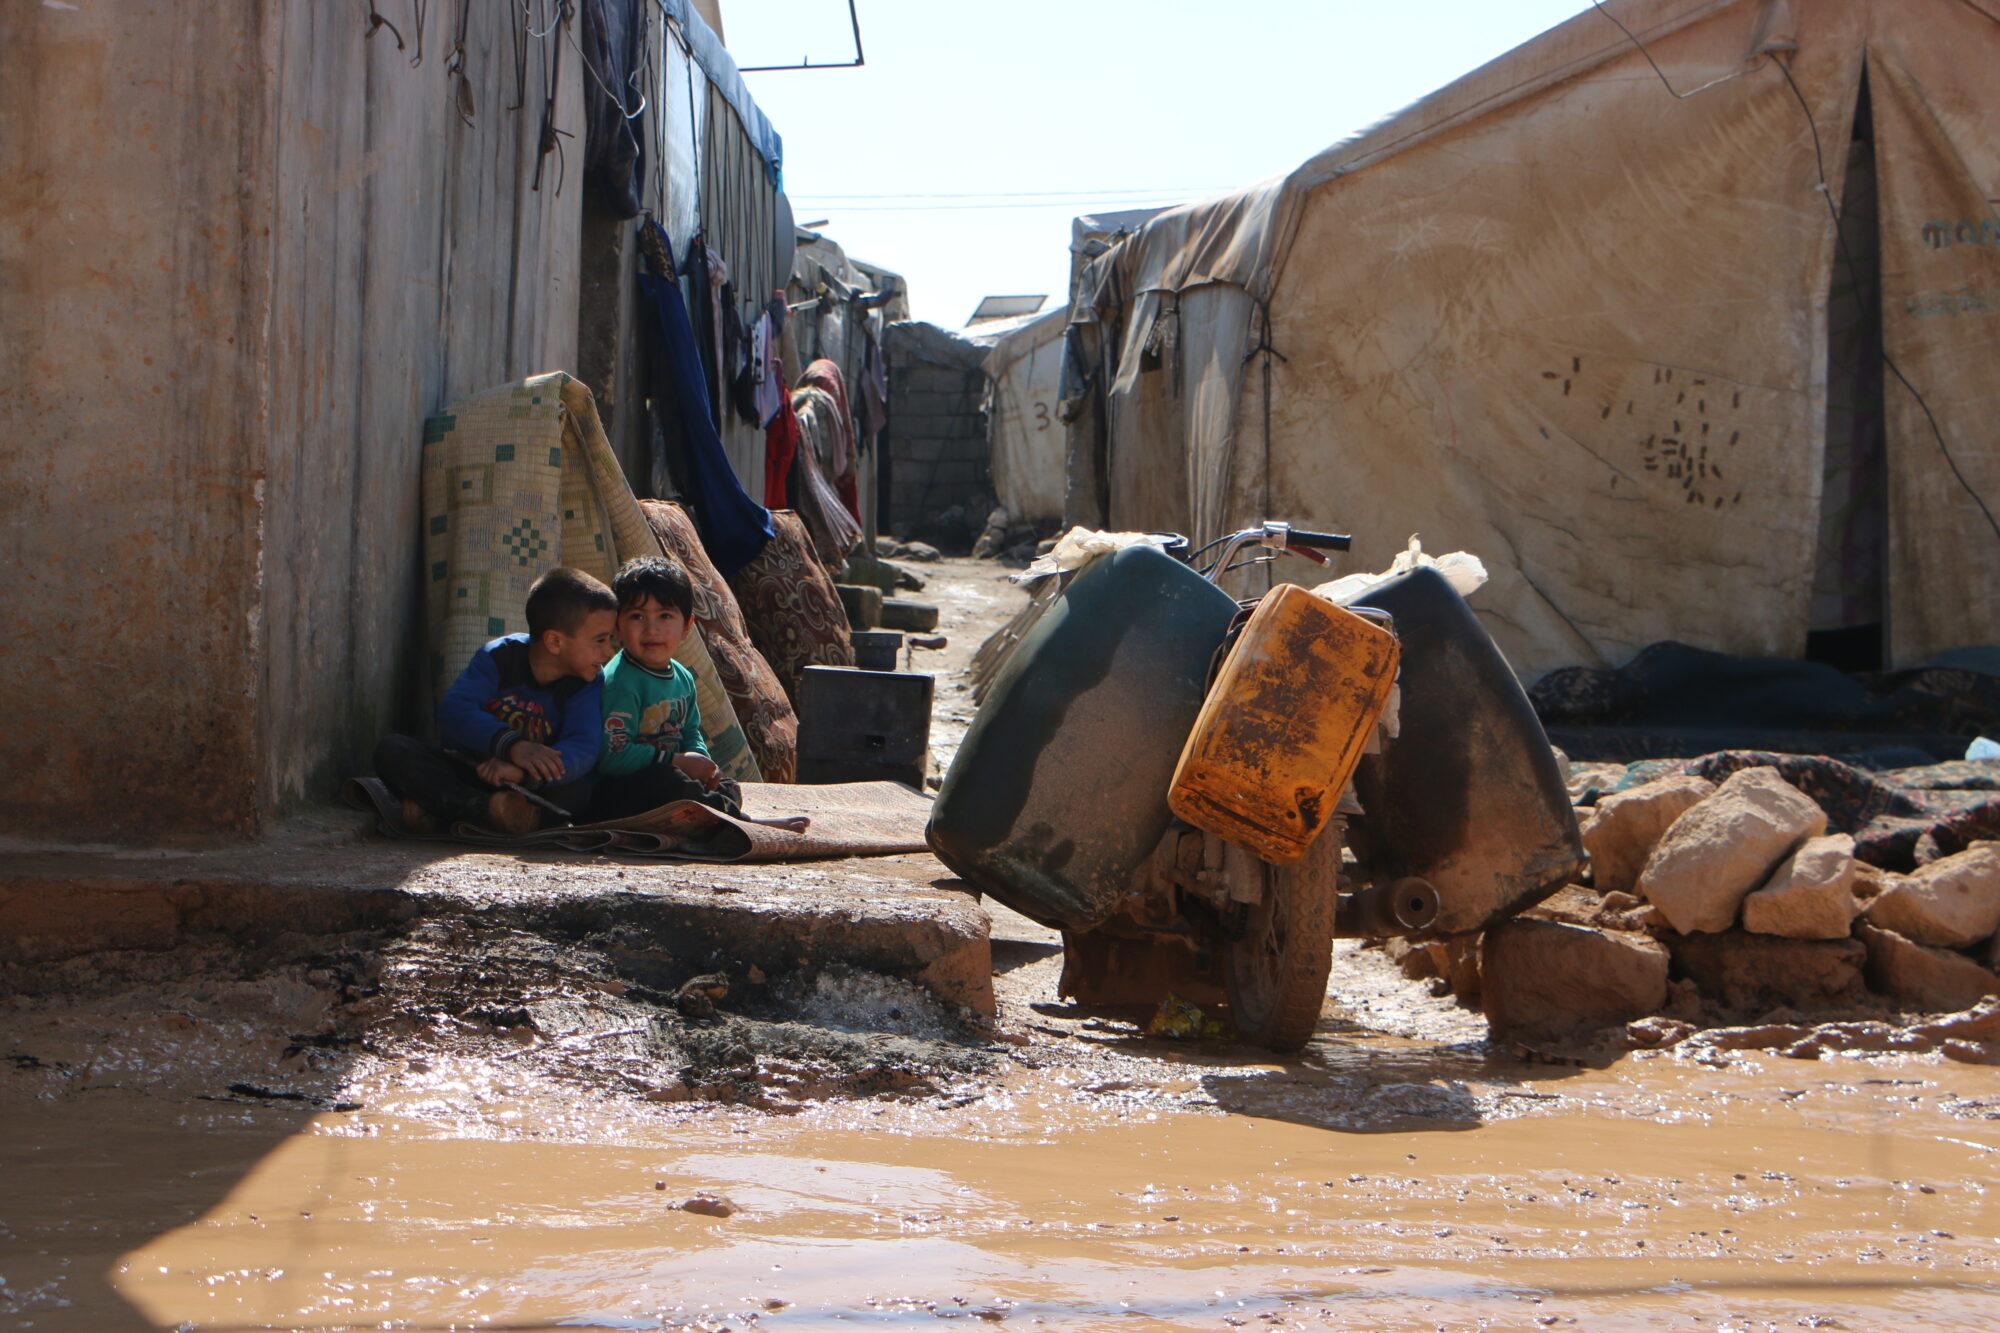 COVID-19 i Idlib, det nordvestlige Syrien